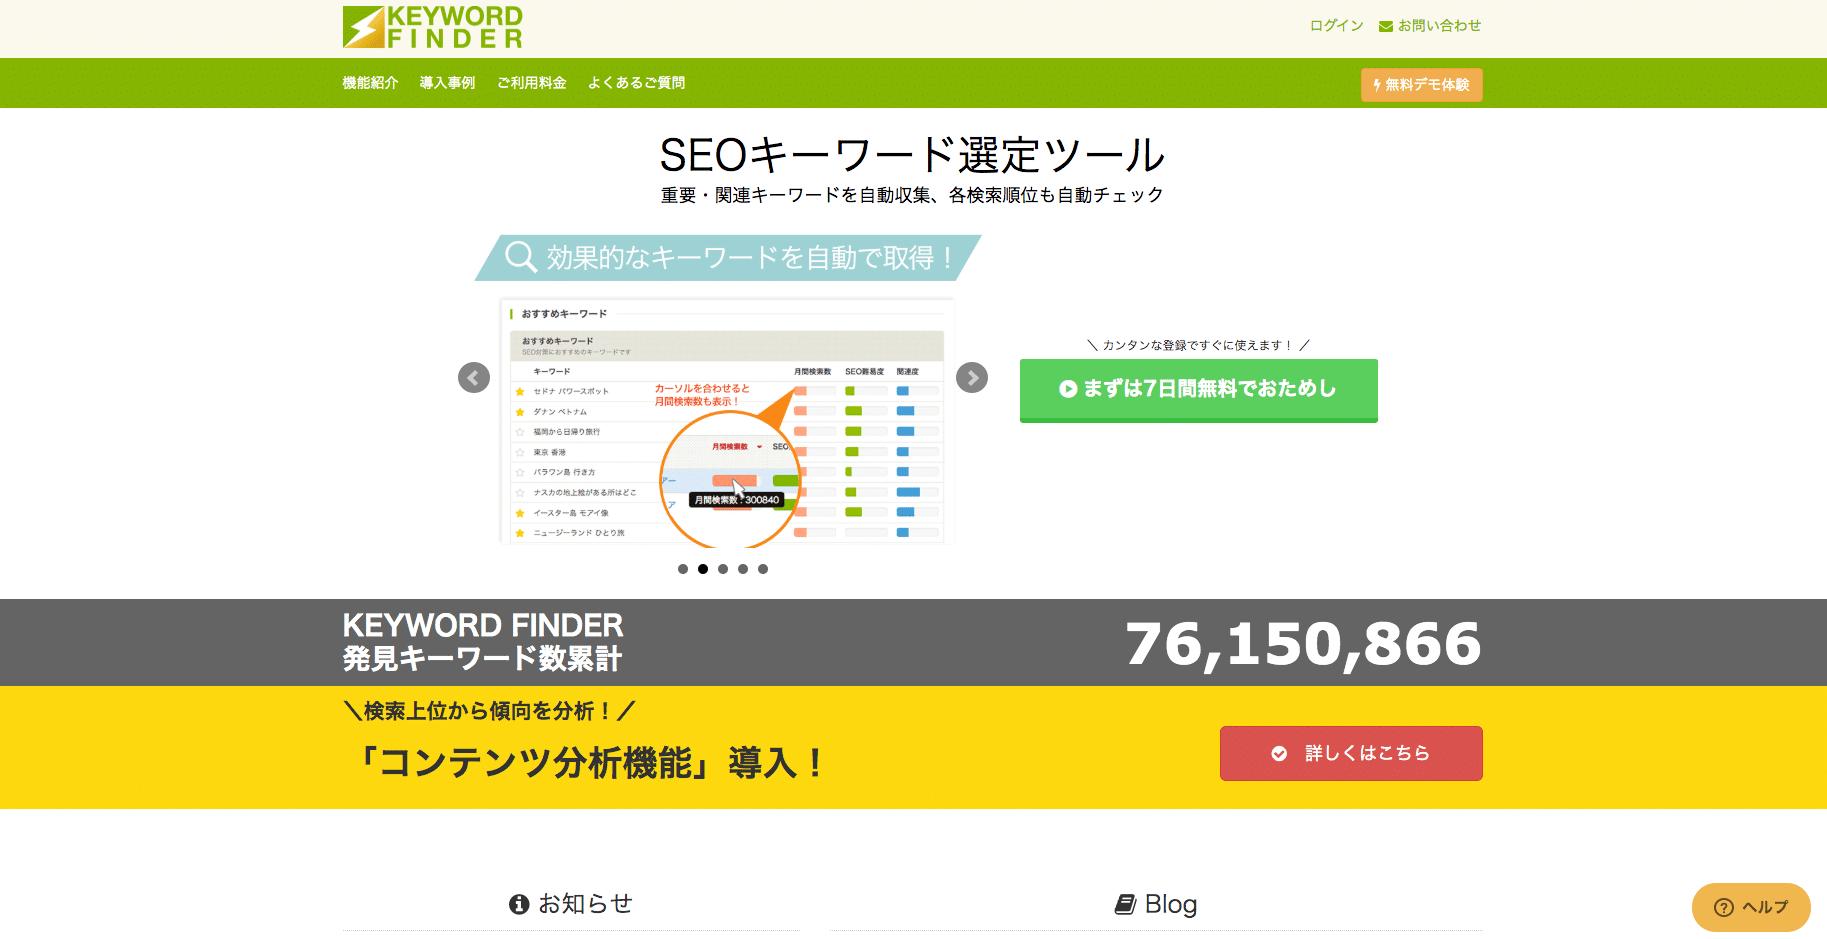 有料で使える関連キーワード検索ツール